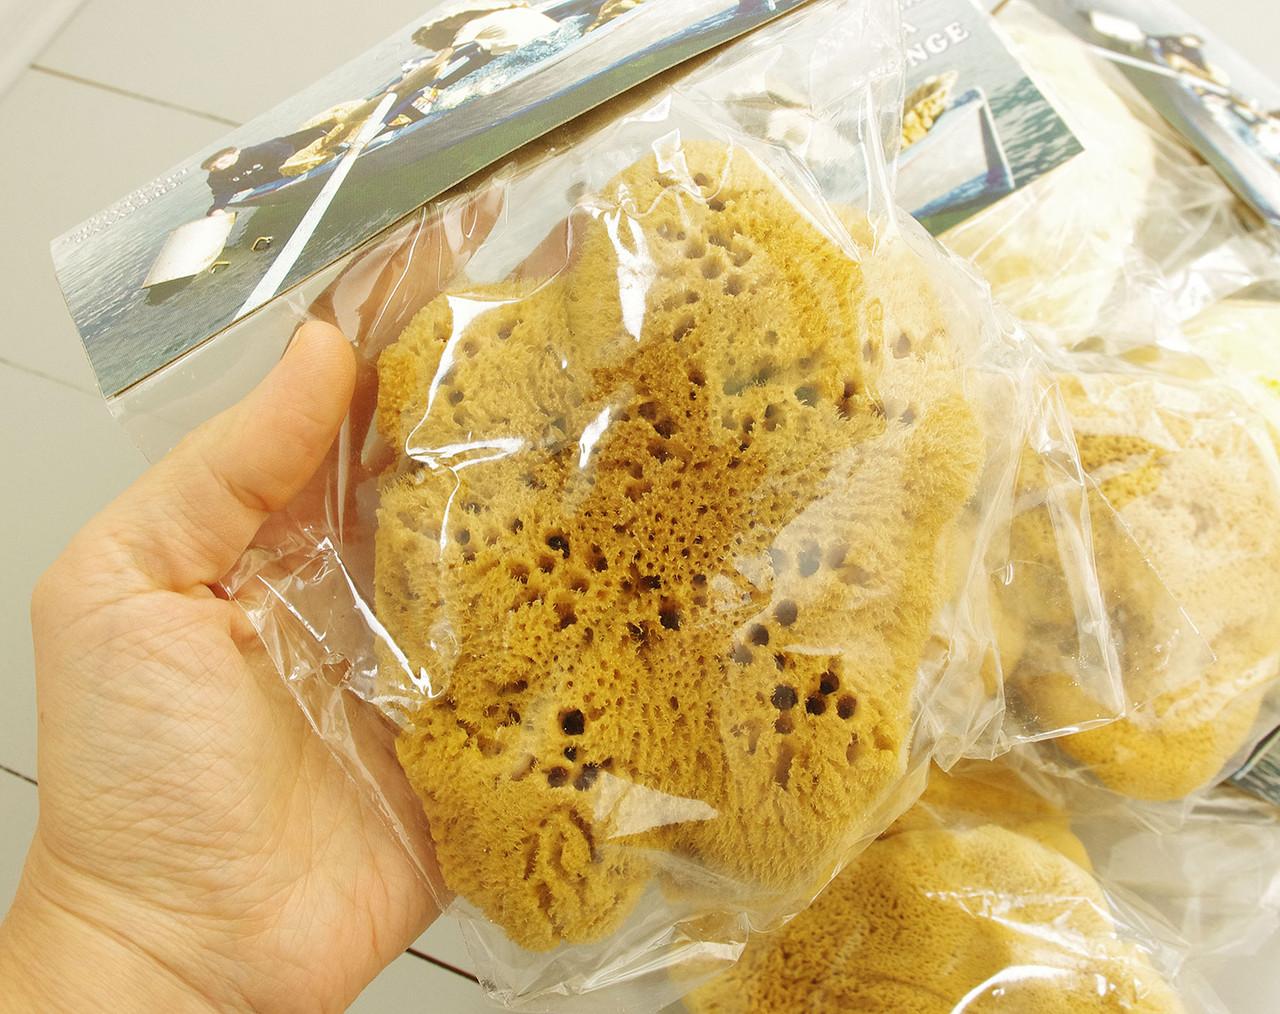 Морская губка Fina Silk для тела, натуральная, 5-5,5 дюйма, Греция